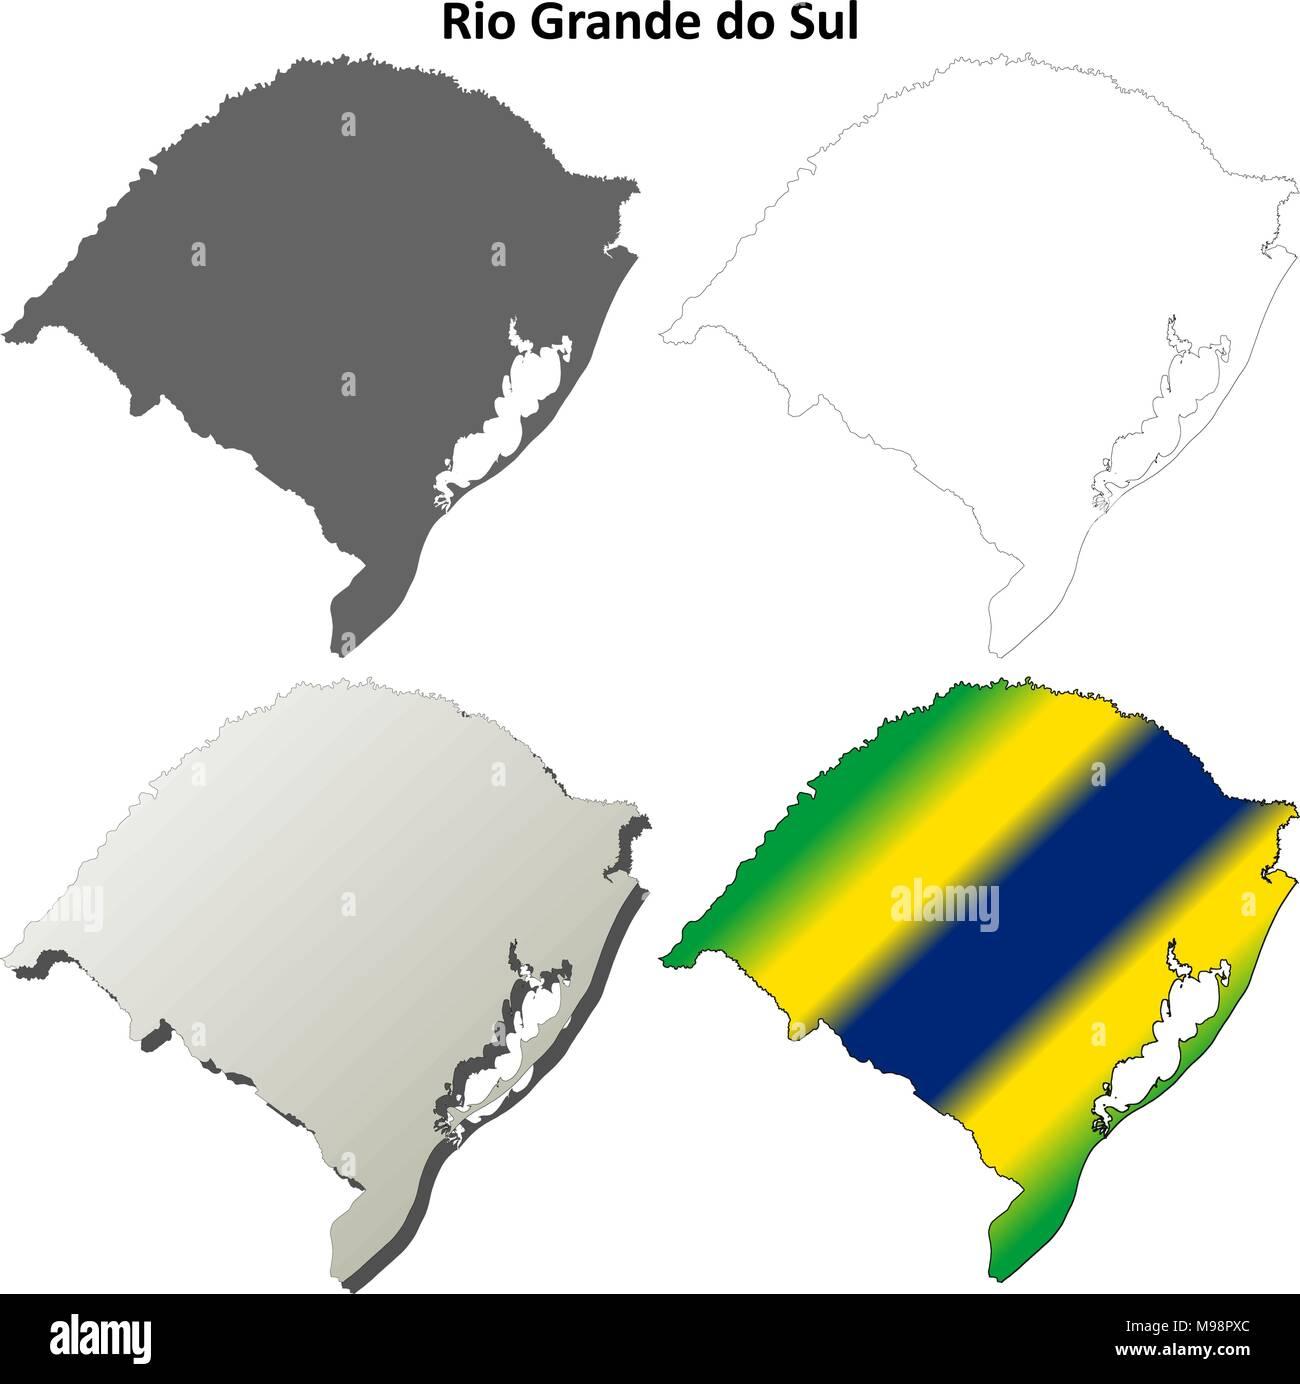 Rio Grande do Sul blank outline map set Stock Vector